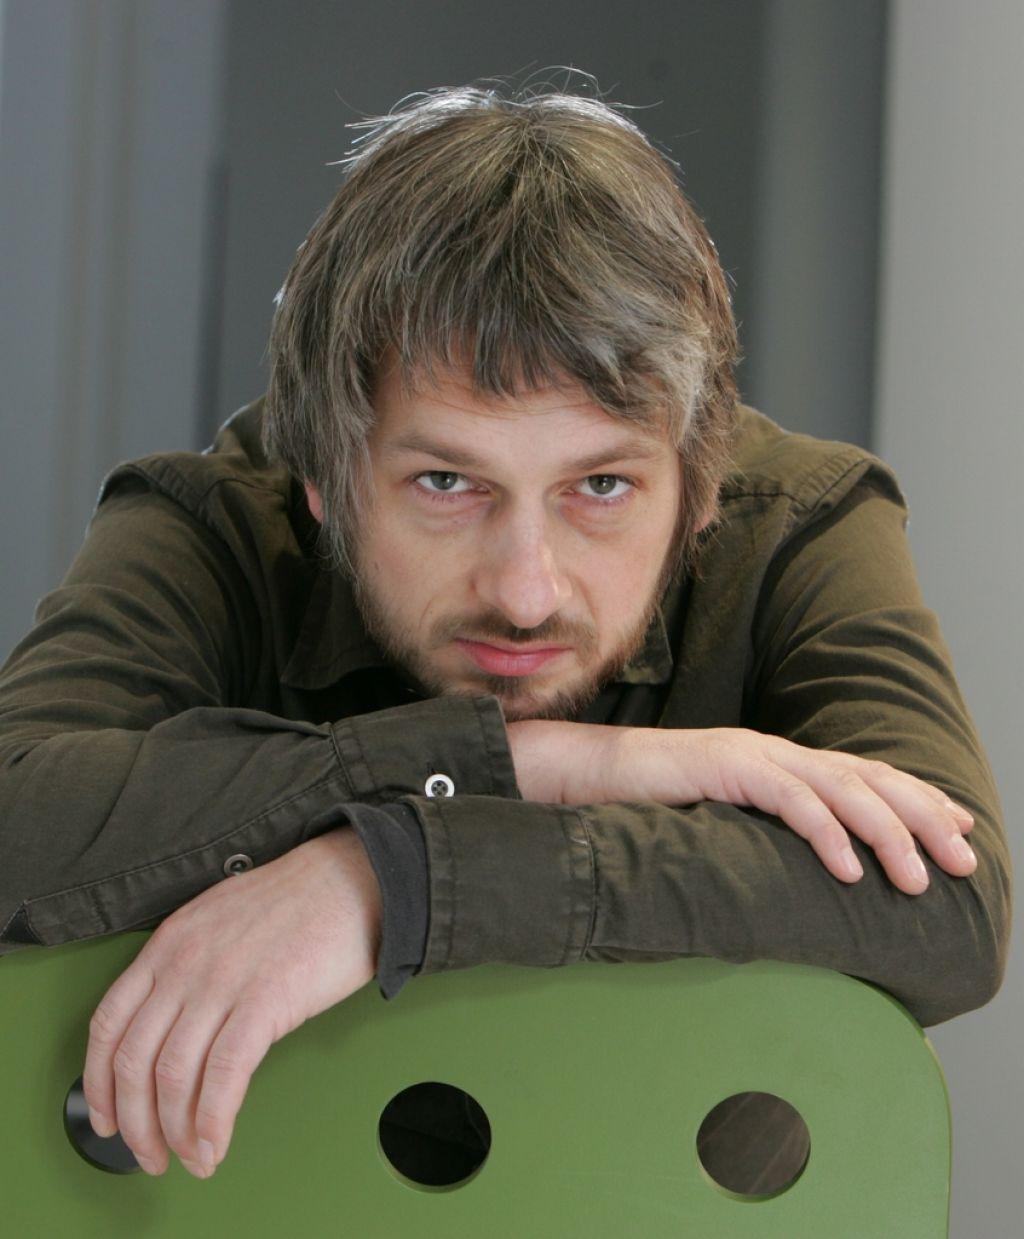 Jenkovo nagrado 2011 prejme Primož Čučnik